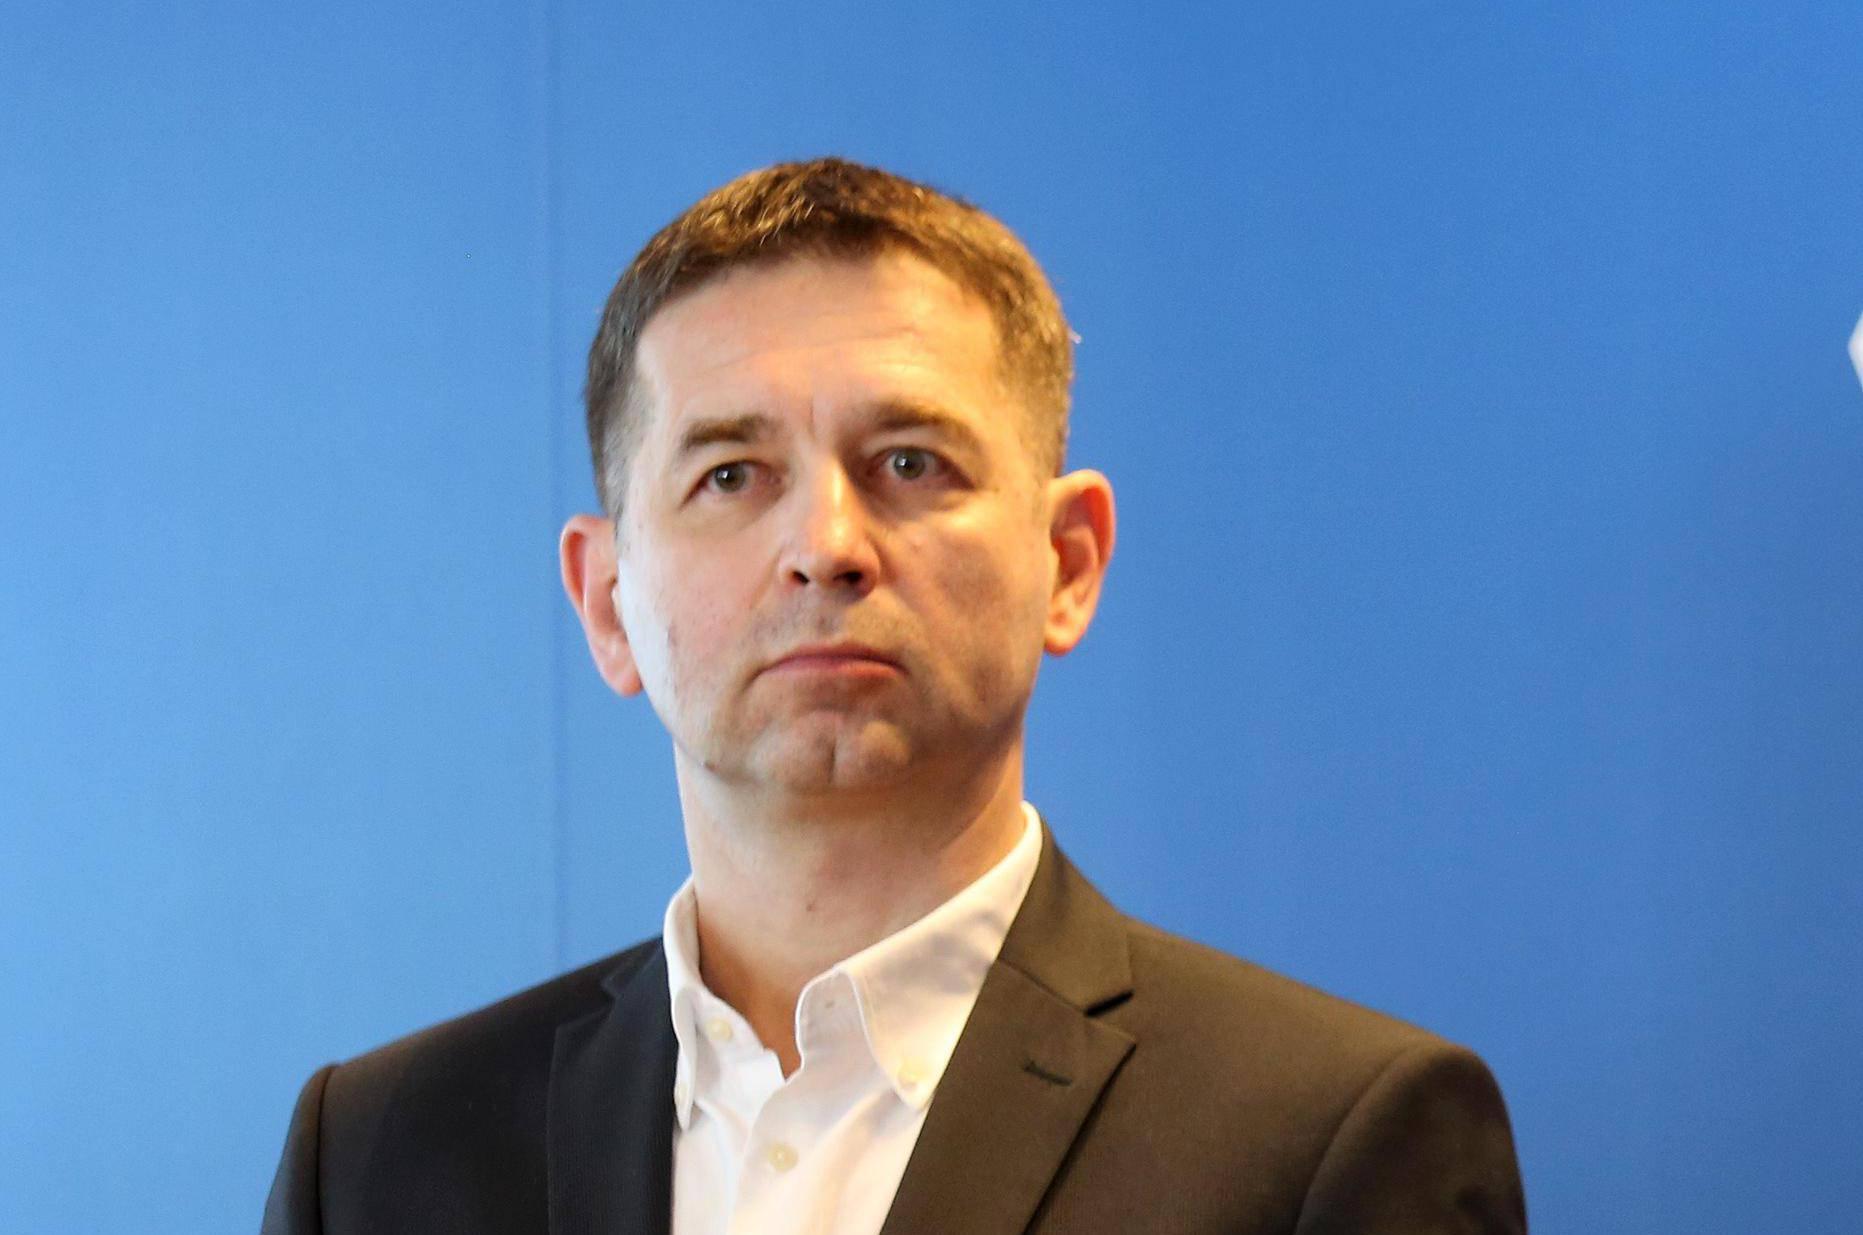 Novo povjerenstvo odlučuje je li Mađarska ili je Madžarska